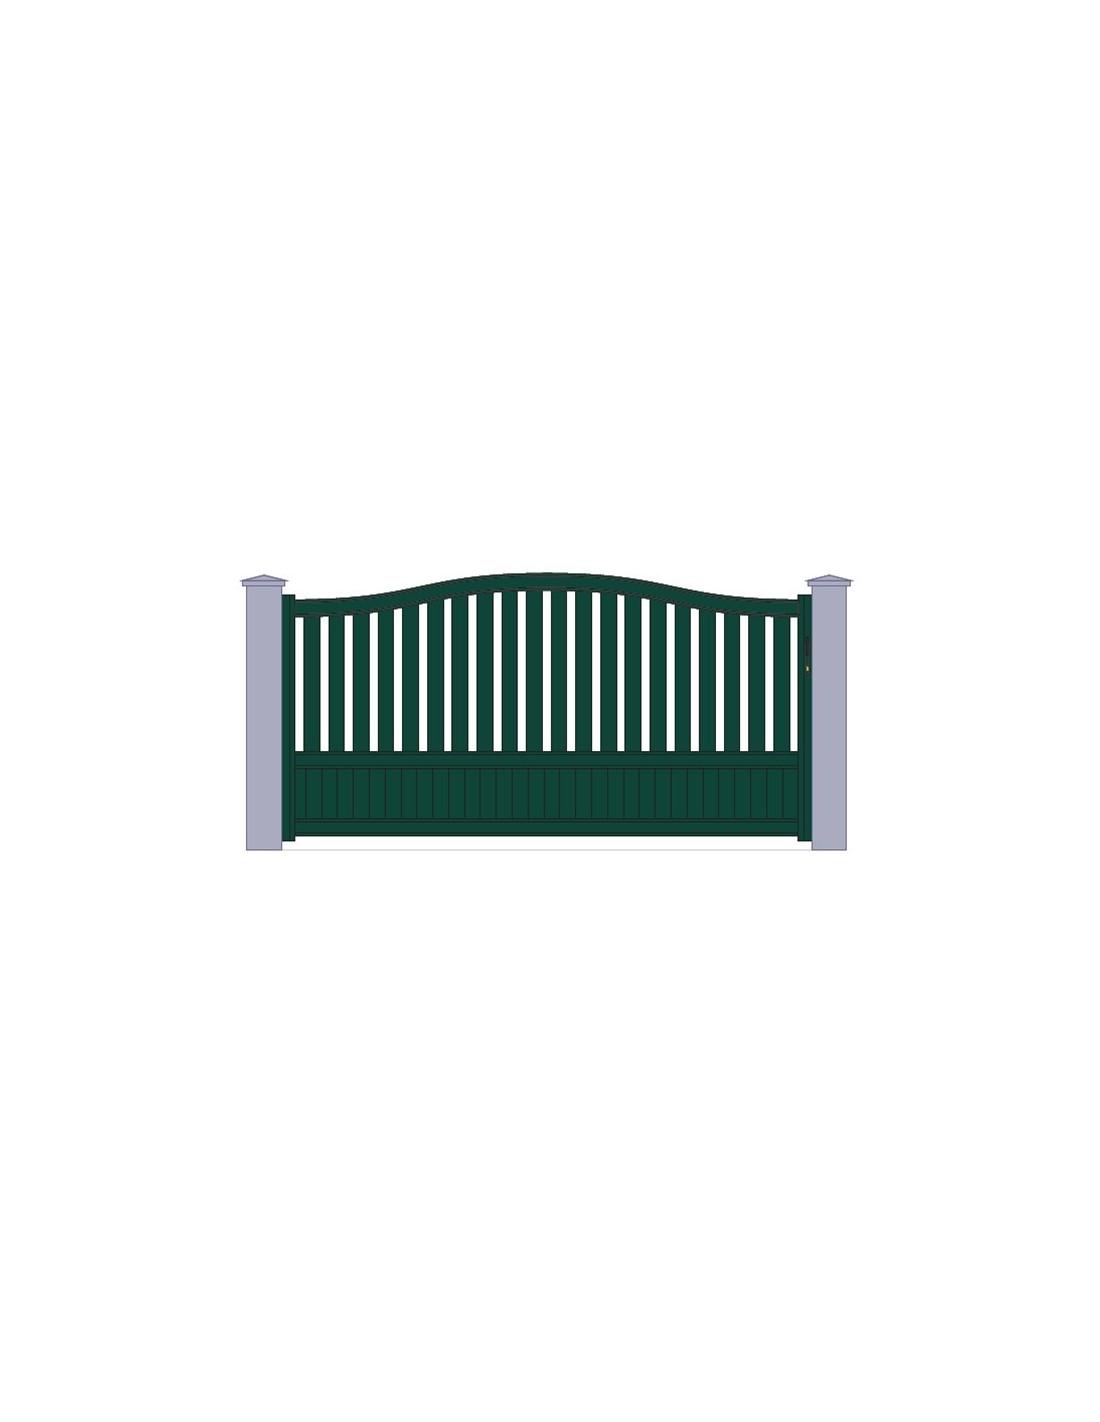 portail aluminiun vert standard coulissant chapeau de gendarme largeur x. Black Bedroom Furniture Sets. Home Design Ideas